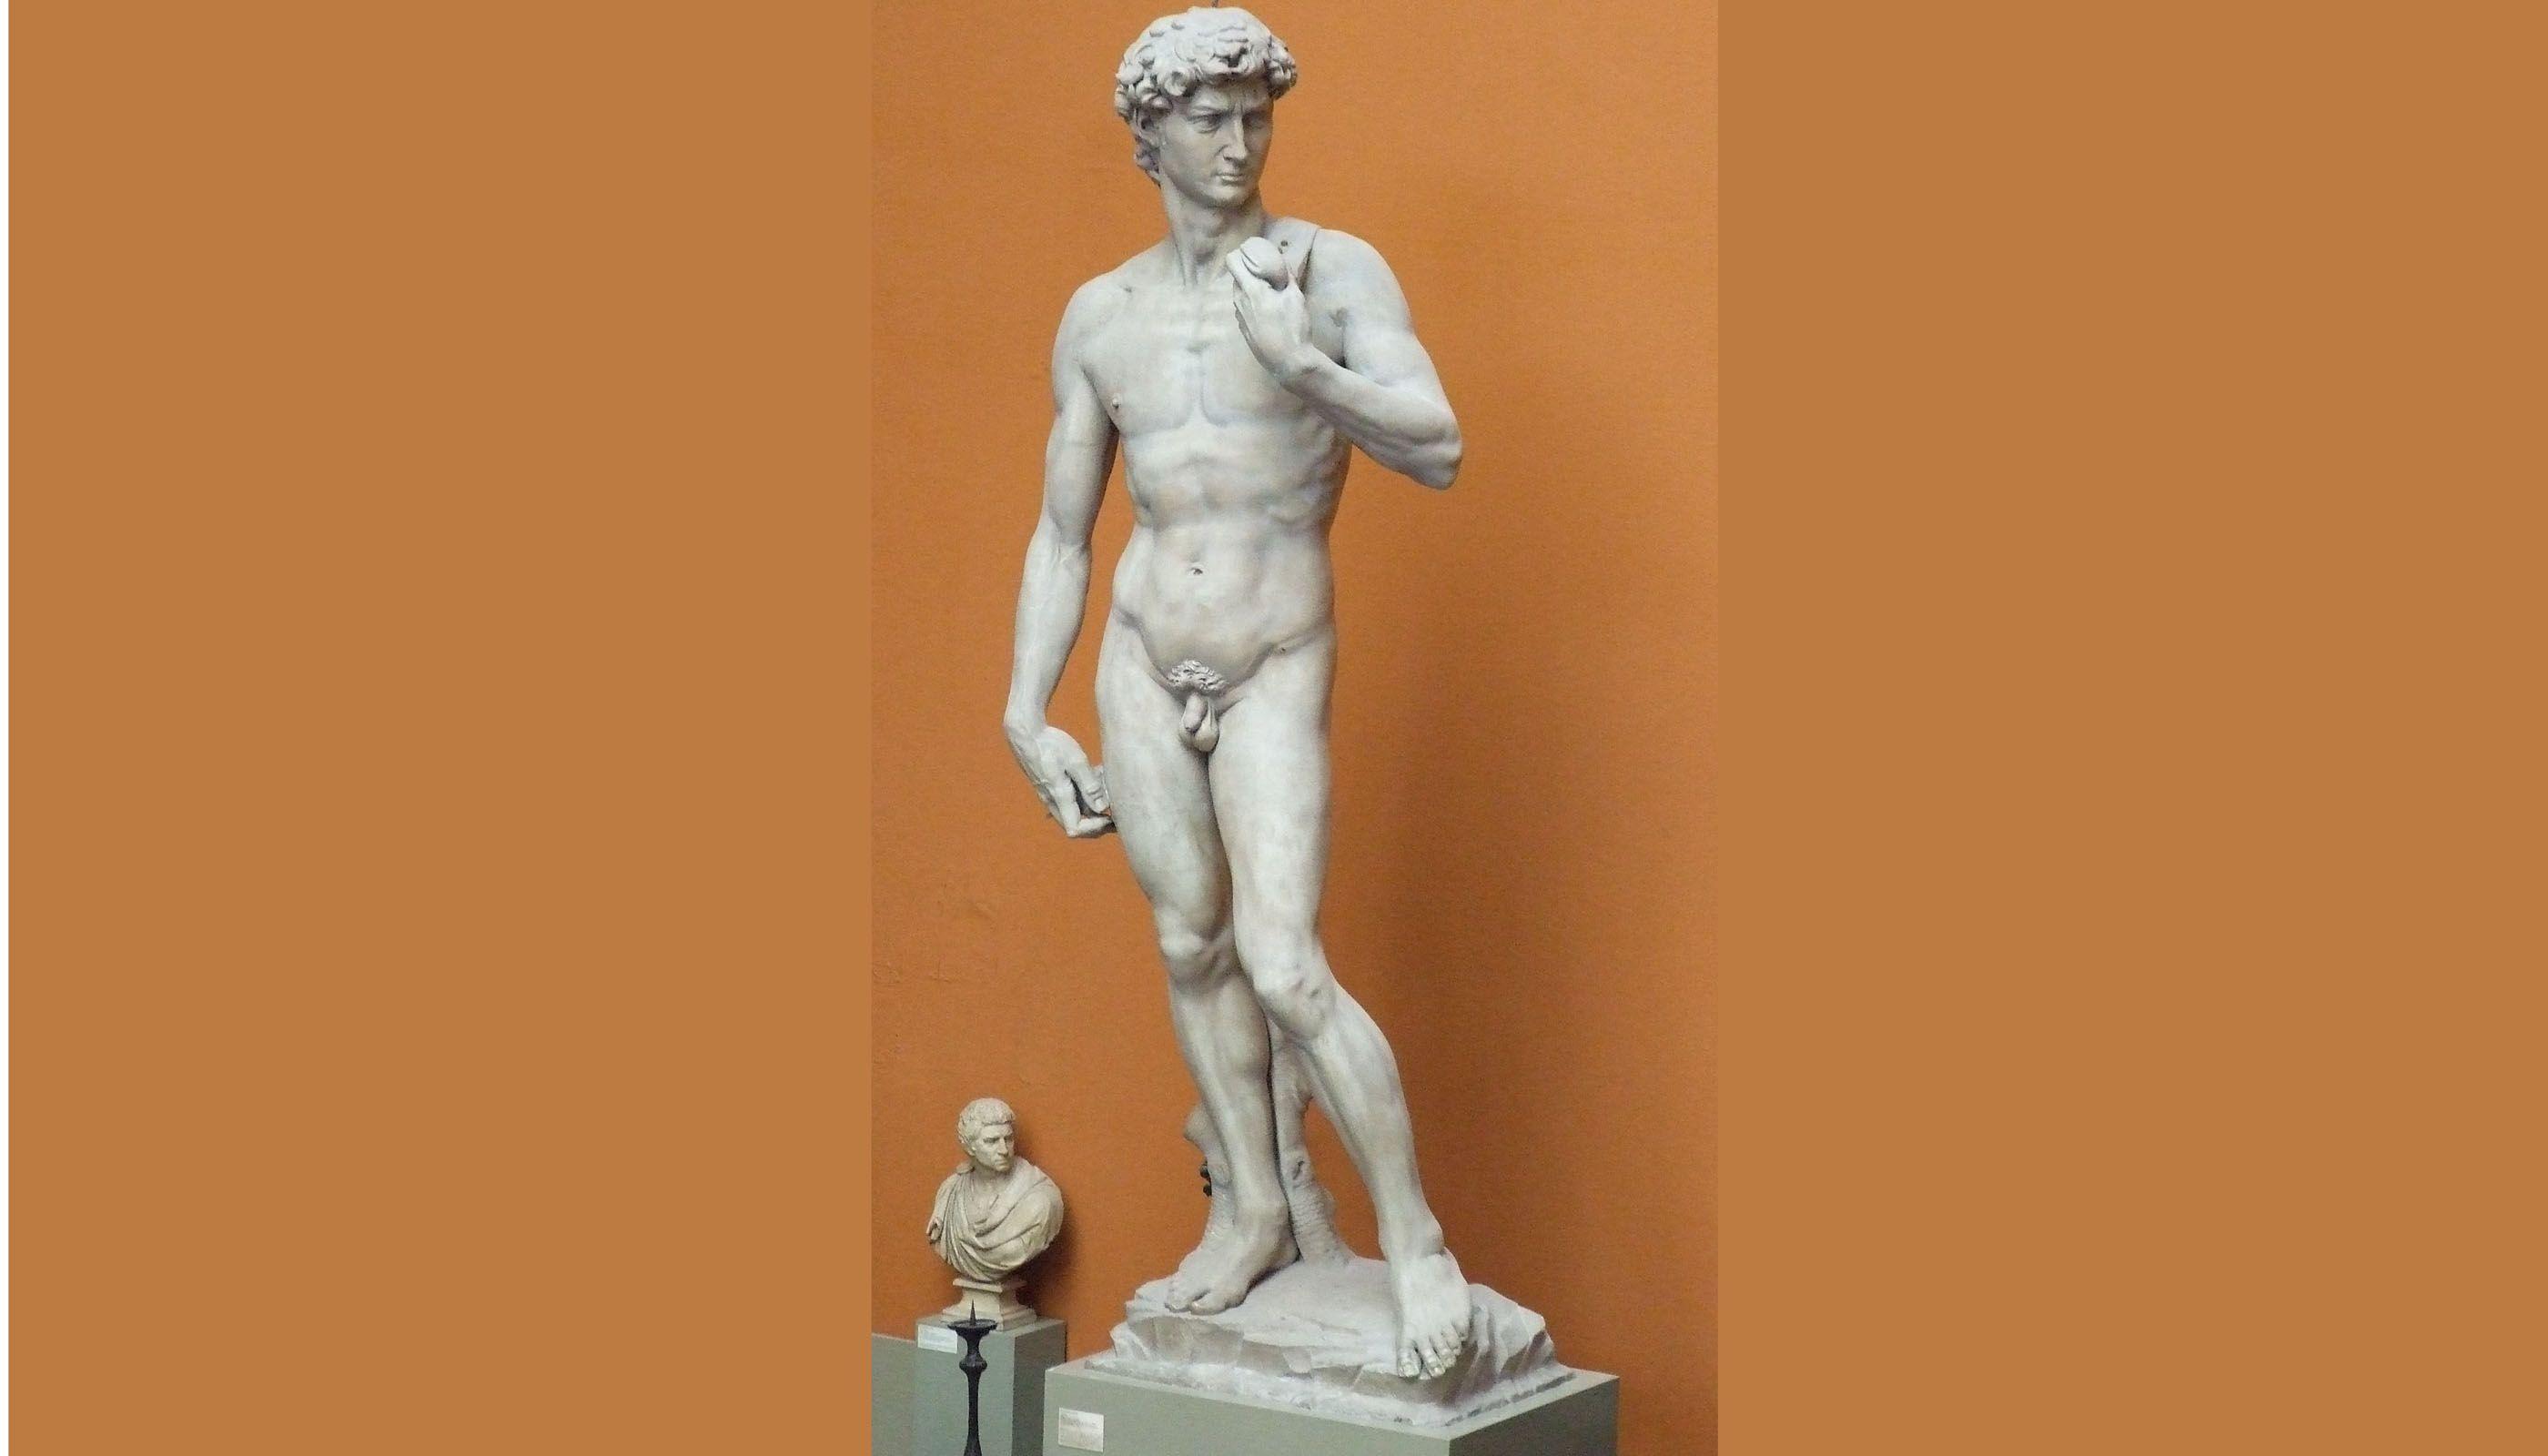 Daviud in London (Creative Commons: Gaius Cornelius)